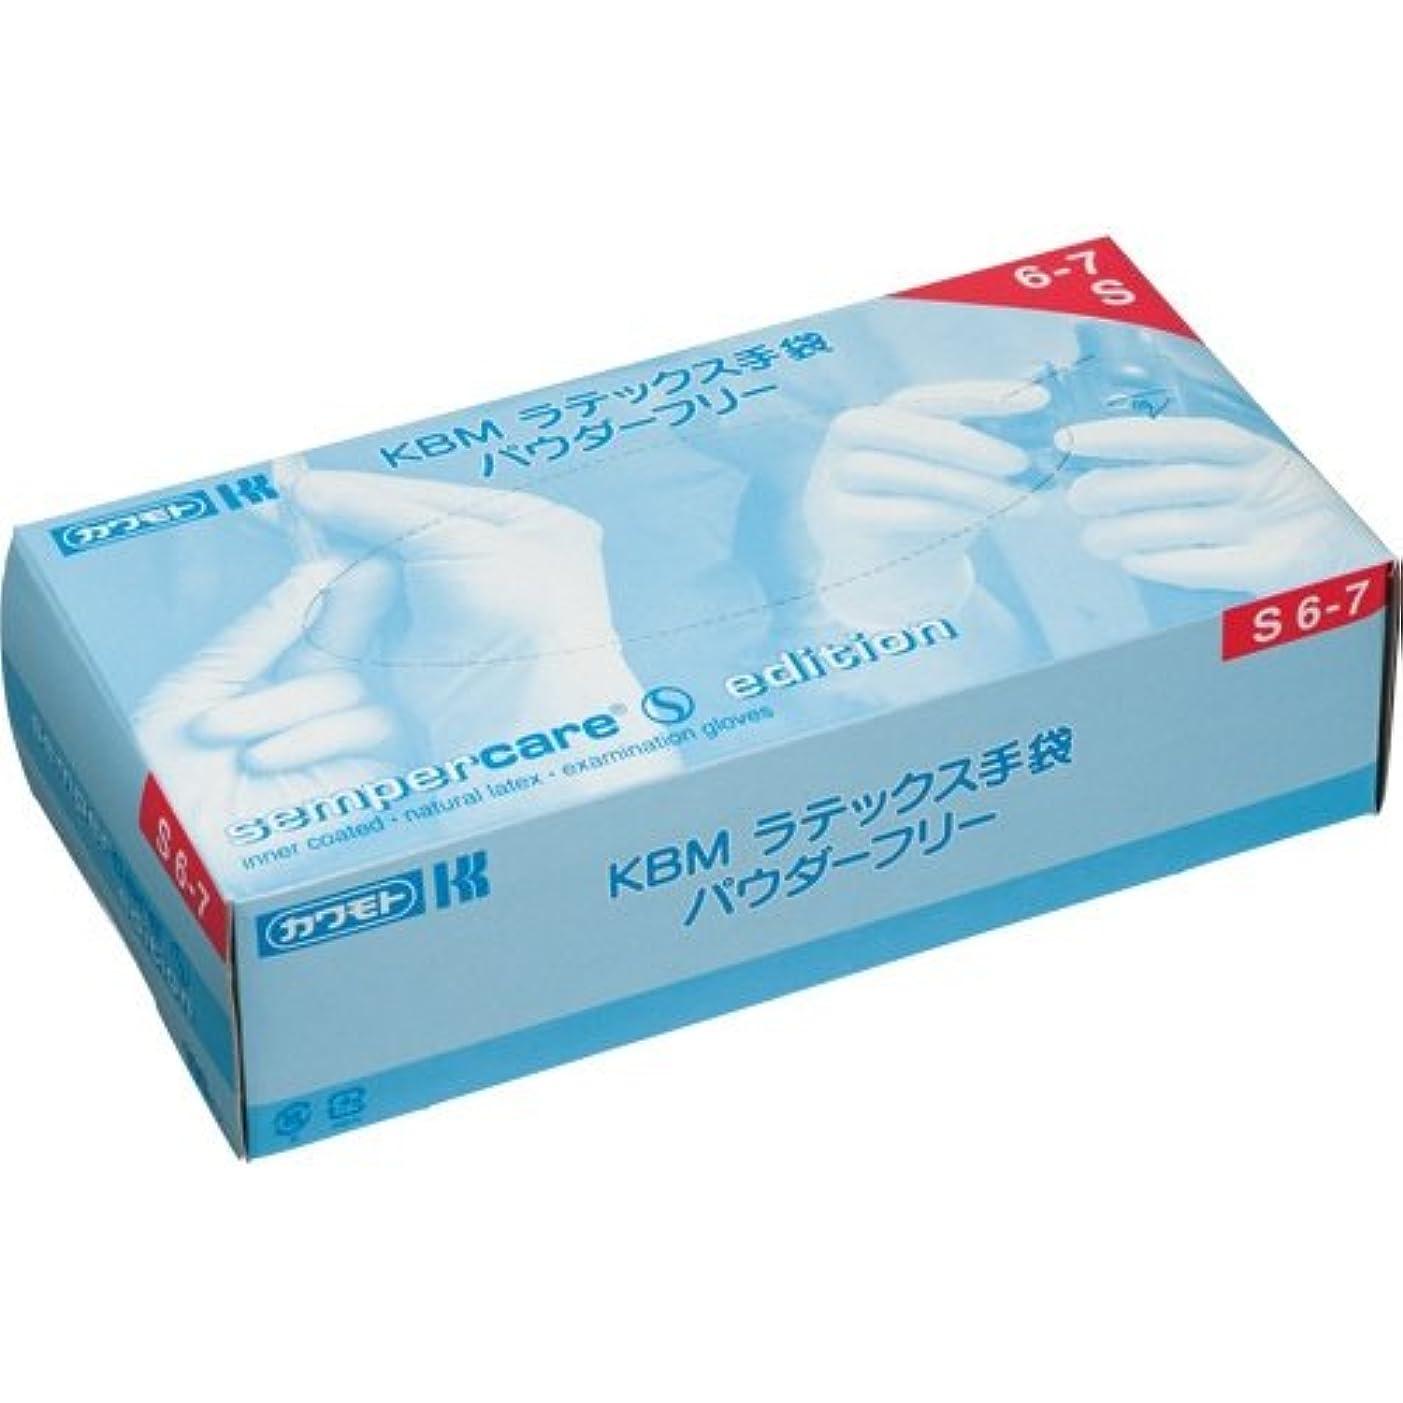 ブラウザシャークフィドルカワモト KBM ラテックス手袋 パウダーフリー S 1セット(300枚:100枚×3箱)